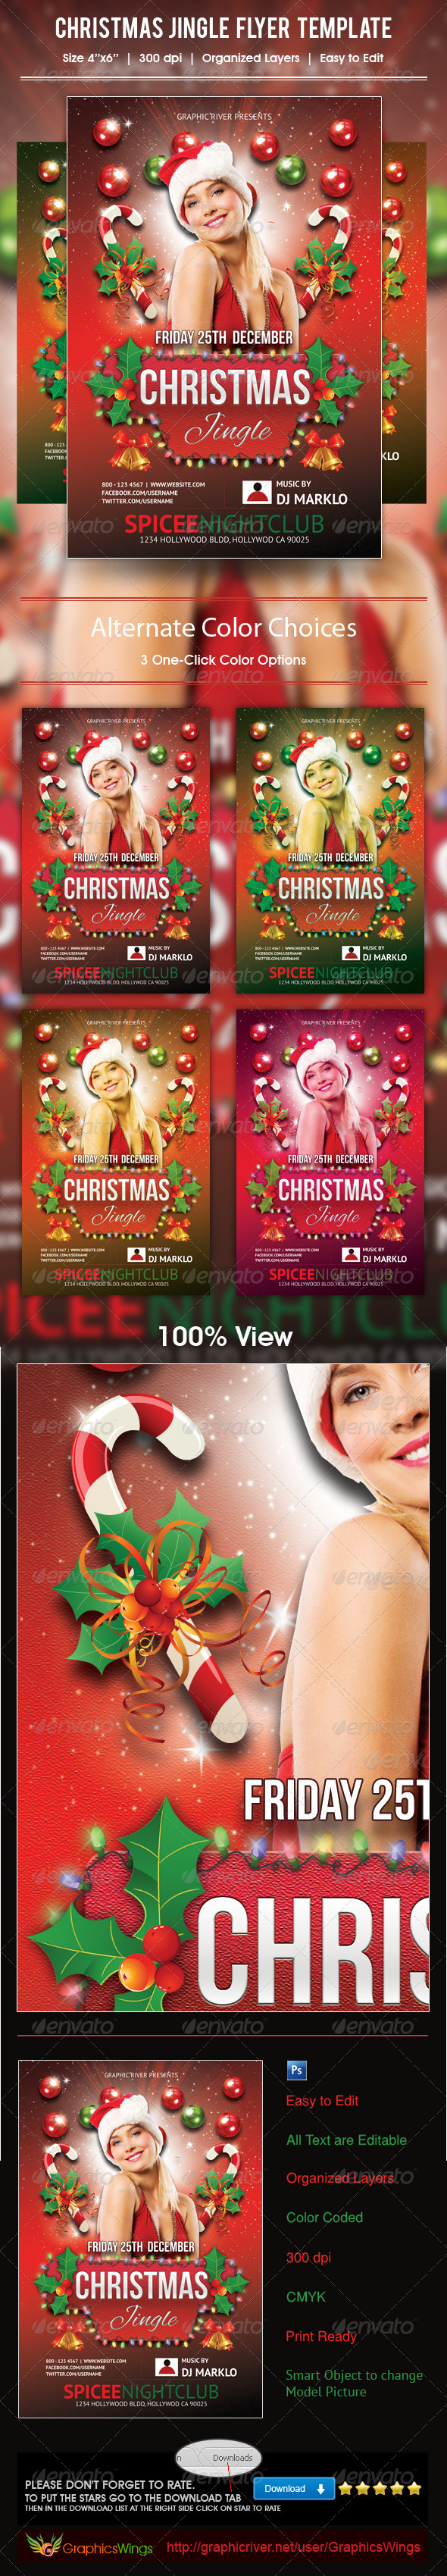 GraphicRiver Christmas Jingle Flyer Template 5993759